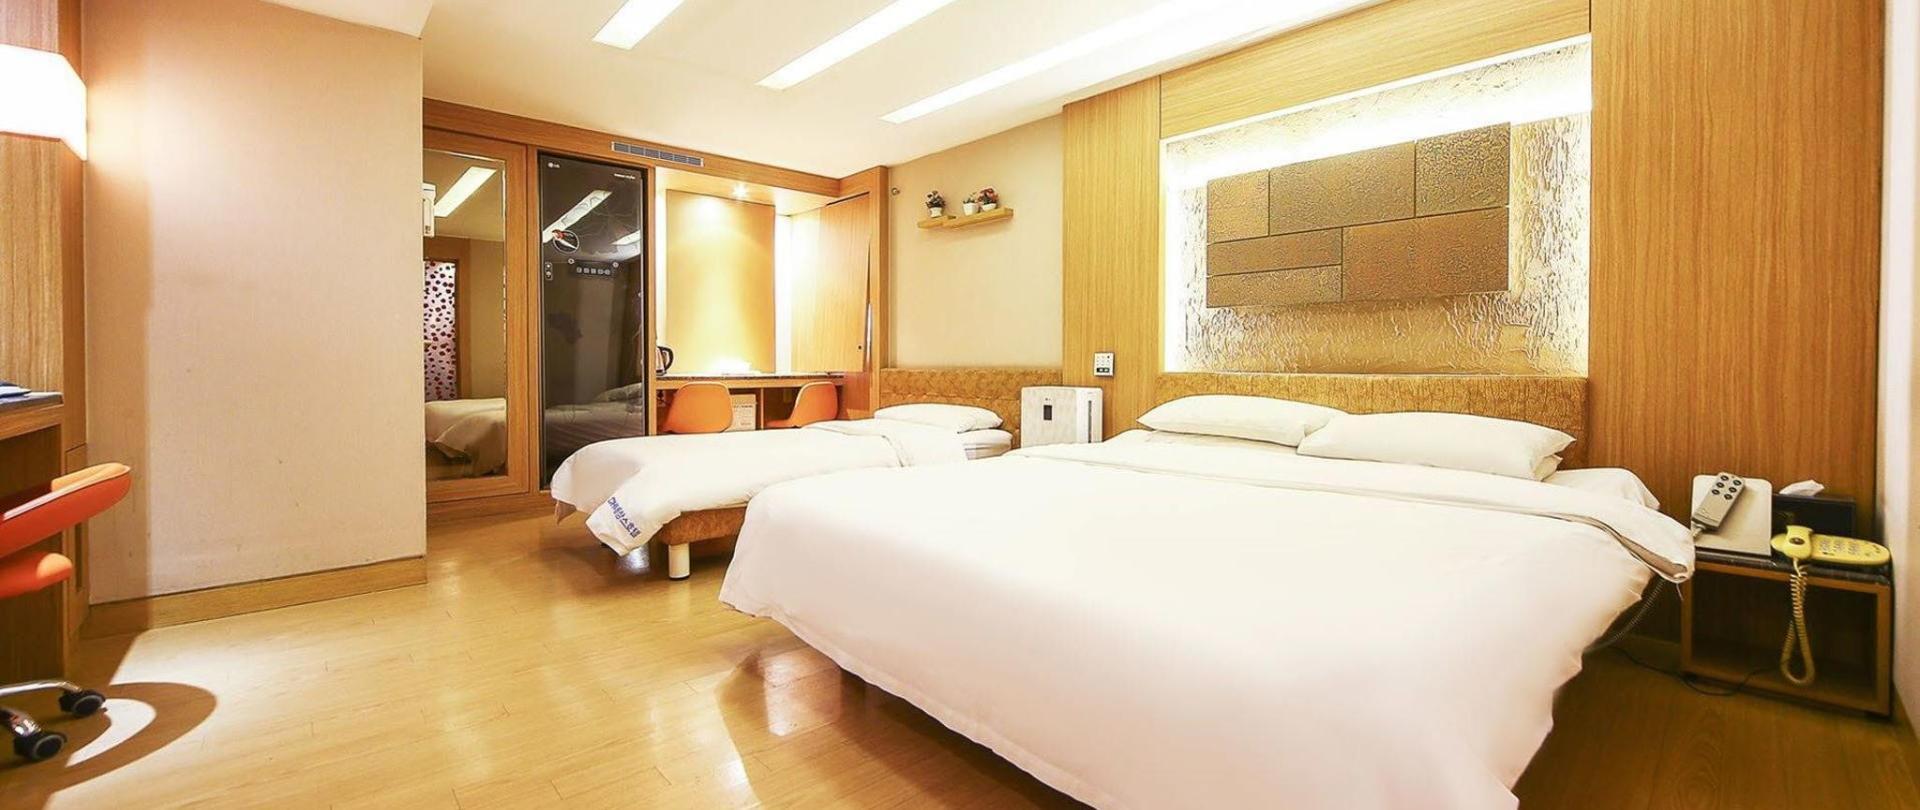 luxury4-2.jpg